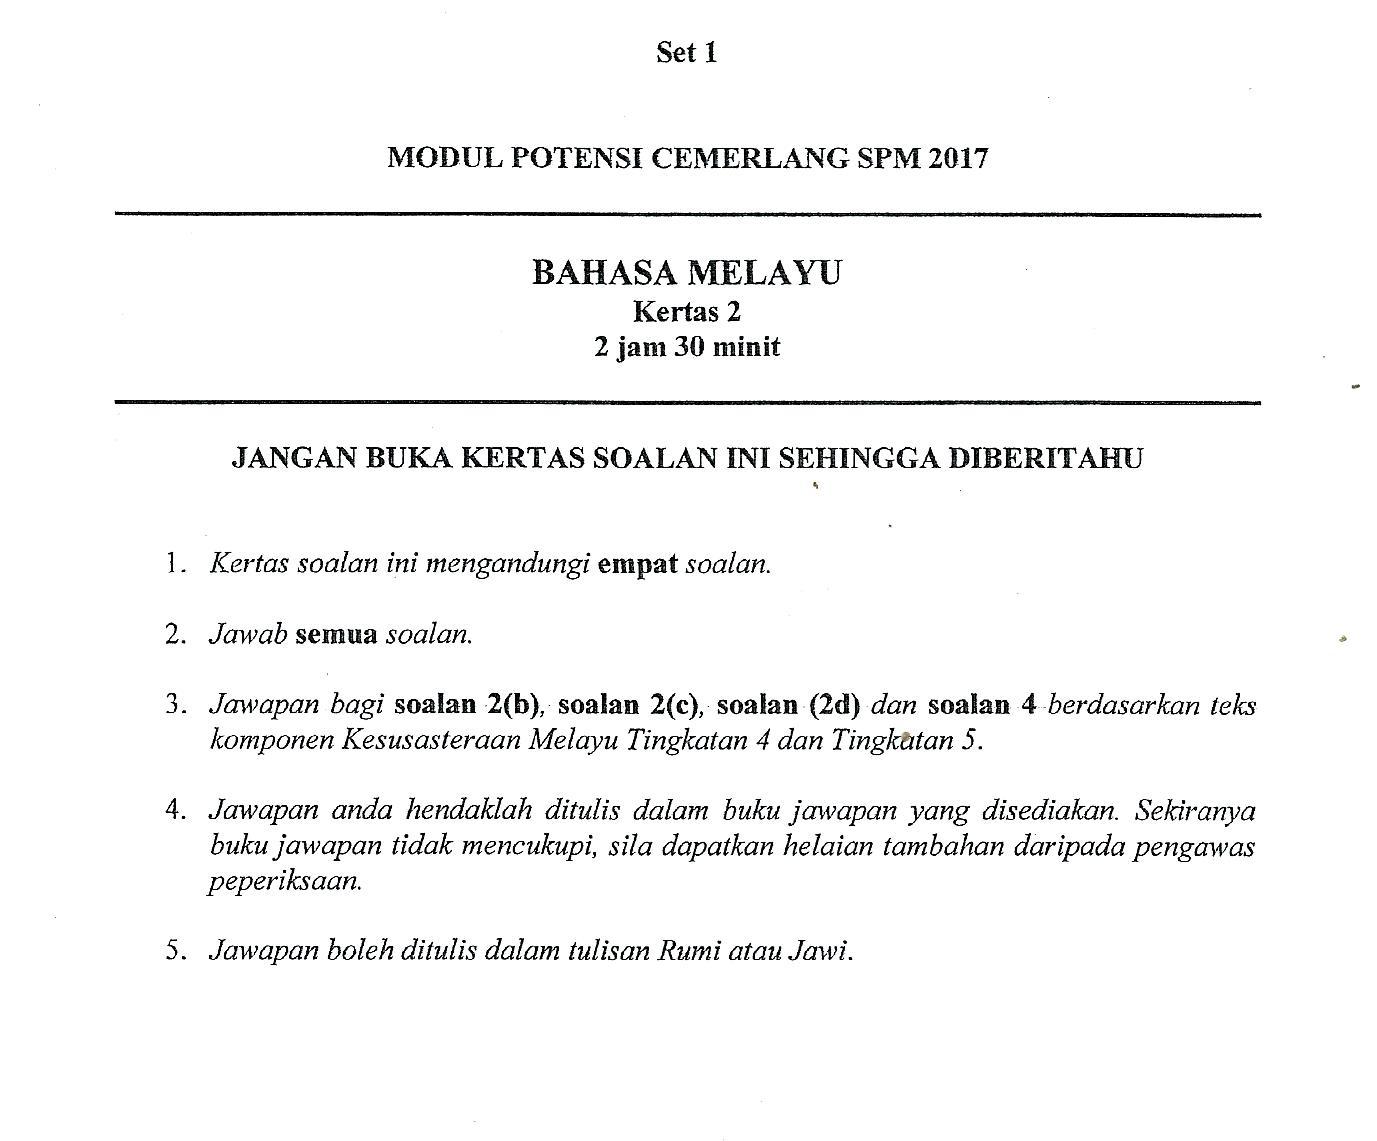 Laman Bahasa Melayu Spm Simulasi Peperiksaan Kedua Pecutan Akhir Spm 2017 24 10 2017